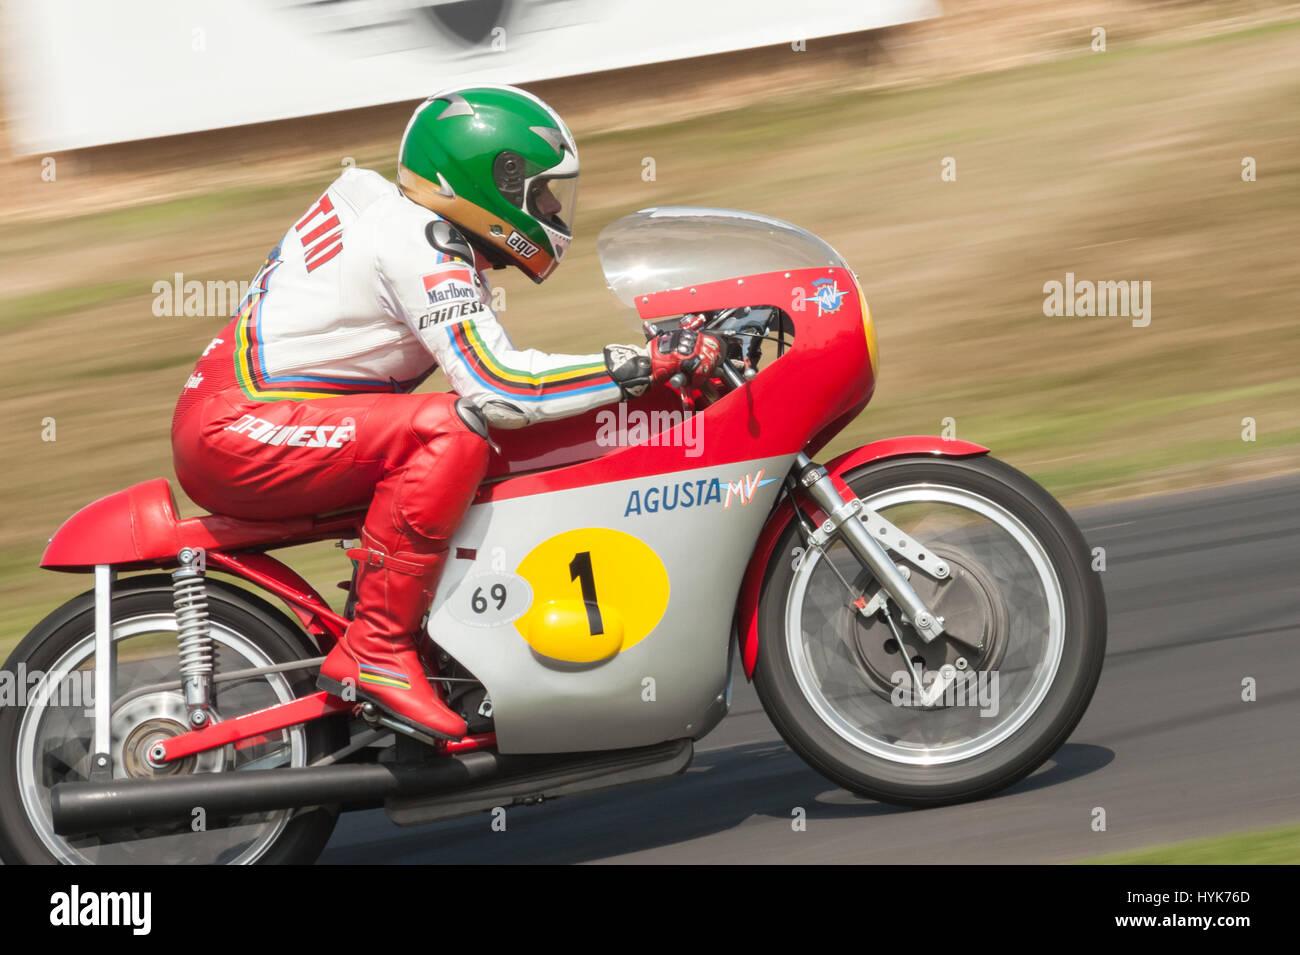 Goodwood, UK - 13 juillet 2013: 15 fois champion du monde moto Giacomo Agostini équitation sa moto MV Agusta classique Banque D'Images